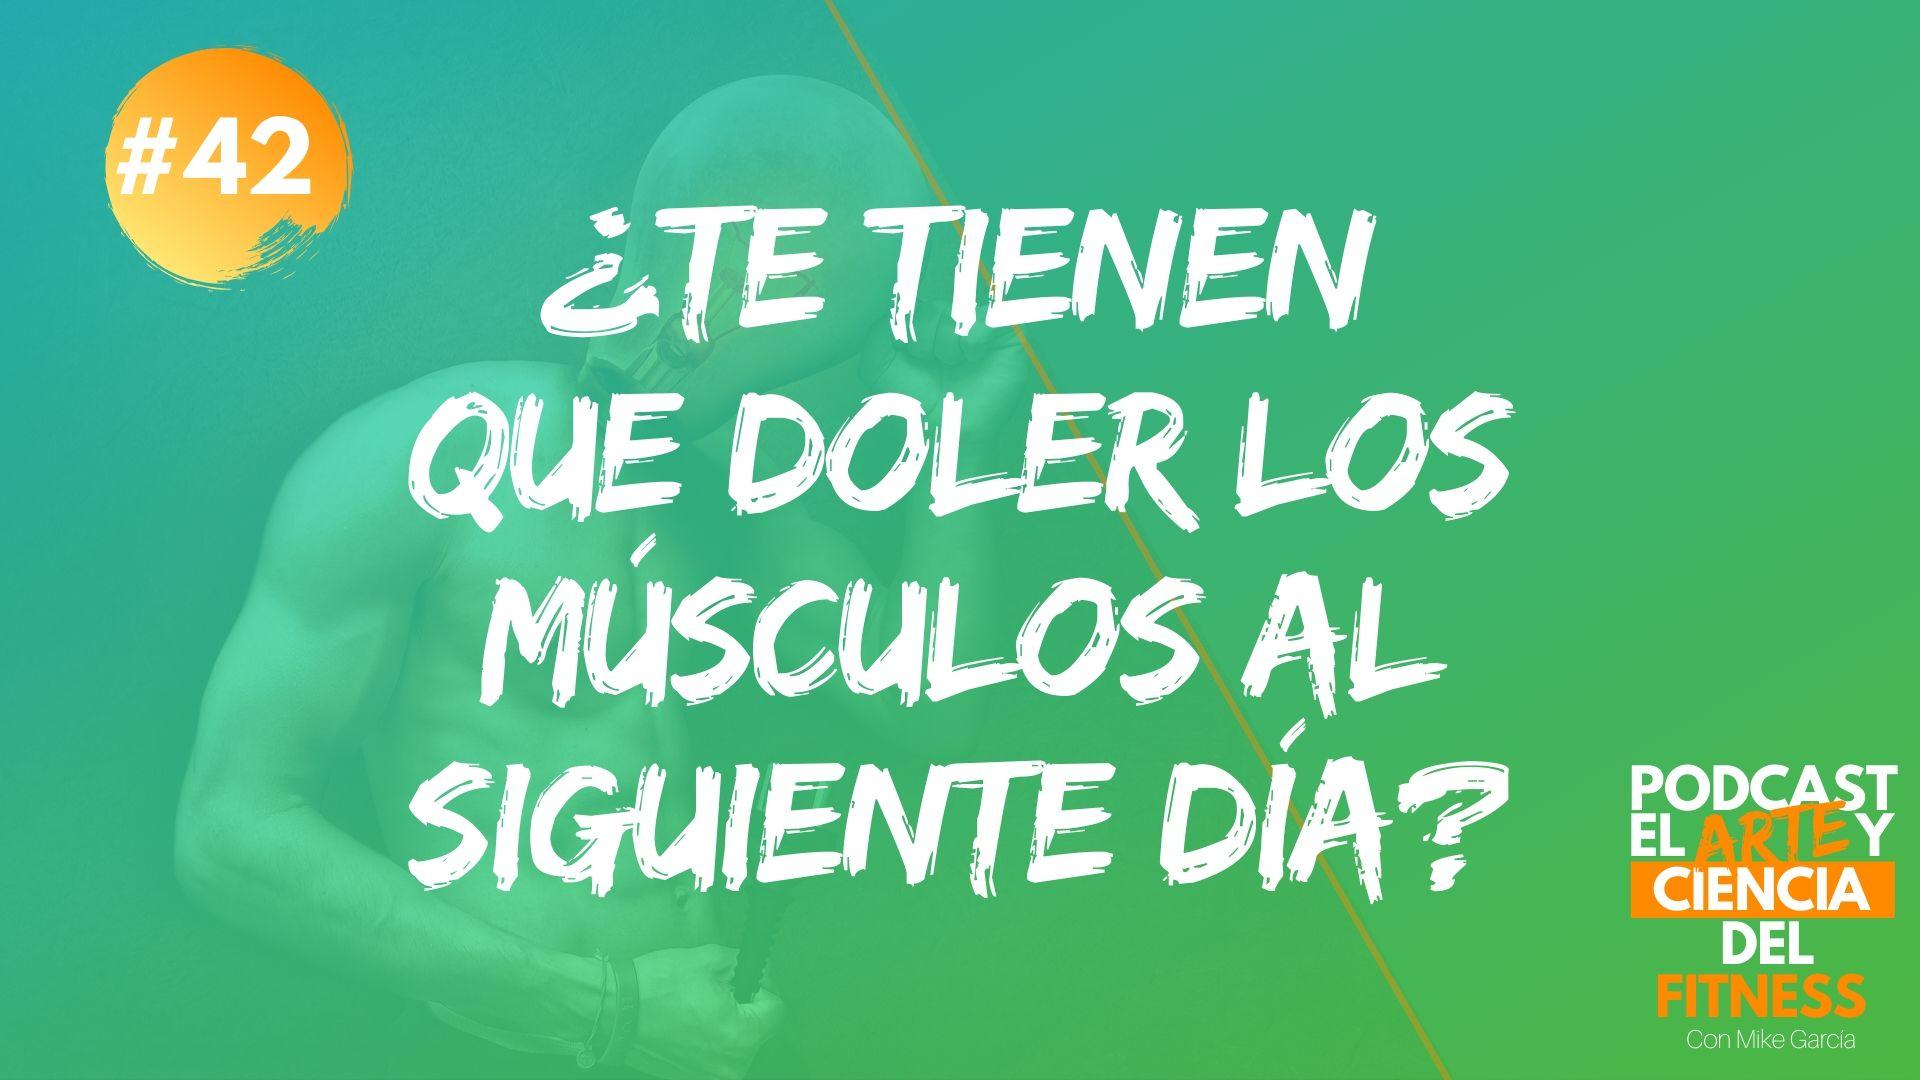 Podcast #42: ¿Los Músculos Te Tienen Que Doler Al Siguiente Día?